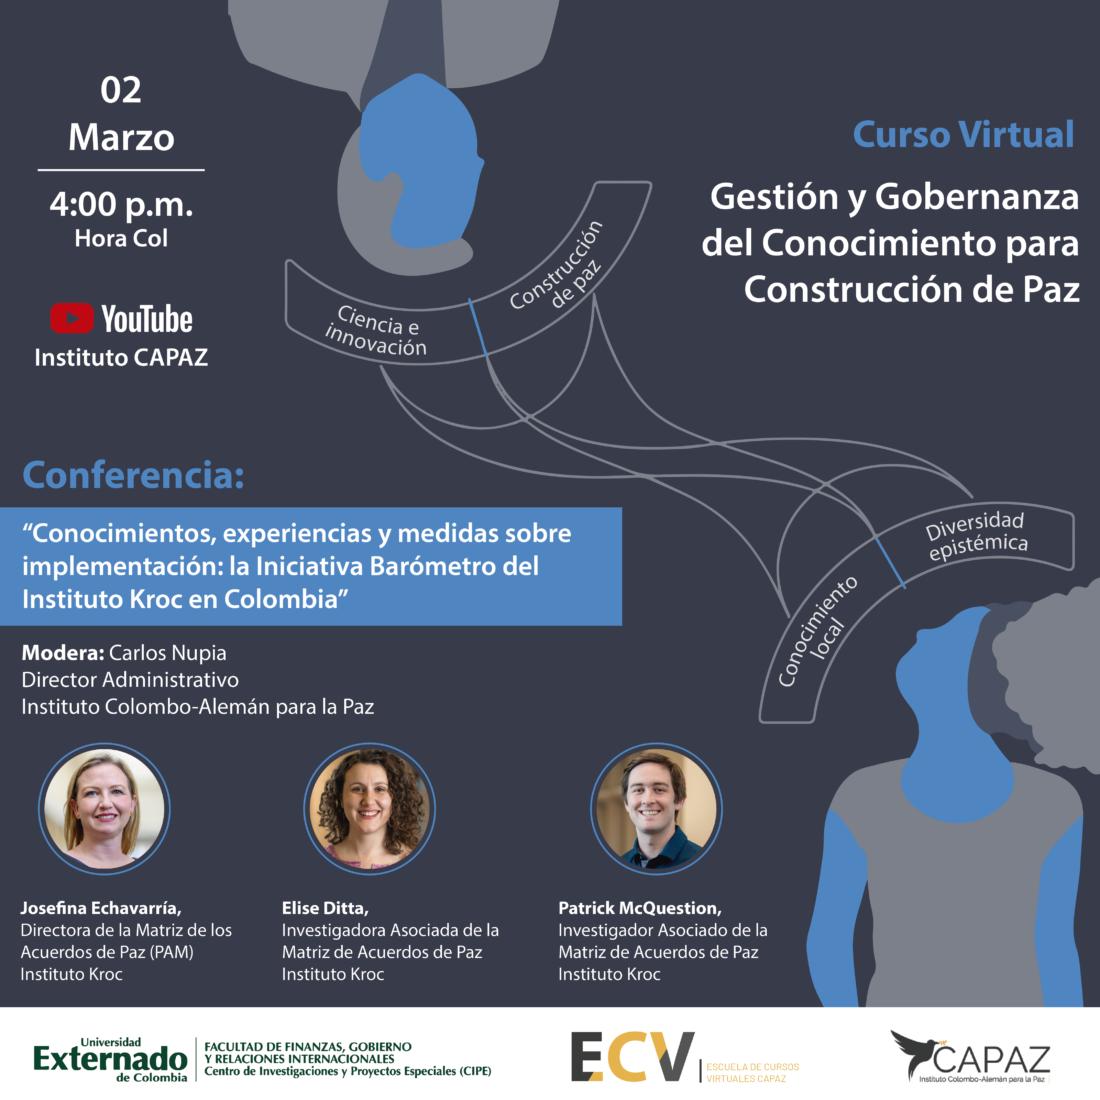 Flyer o afiche promocional de la conferencia abierta sobre Iniciativa Barómetro del Instituto Kroc, que hace parte del curso virtual ECV de CAPAZ 2020-2021 sobre gestión y gobernanza del conocimiento para la construcción de paz.